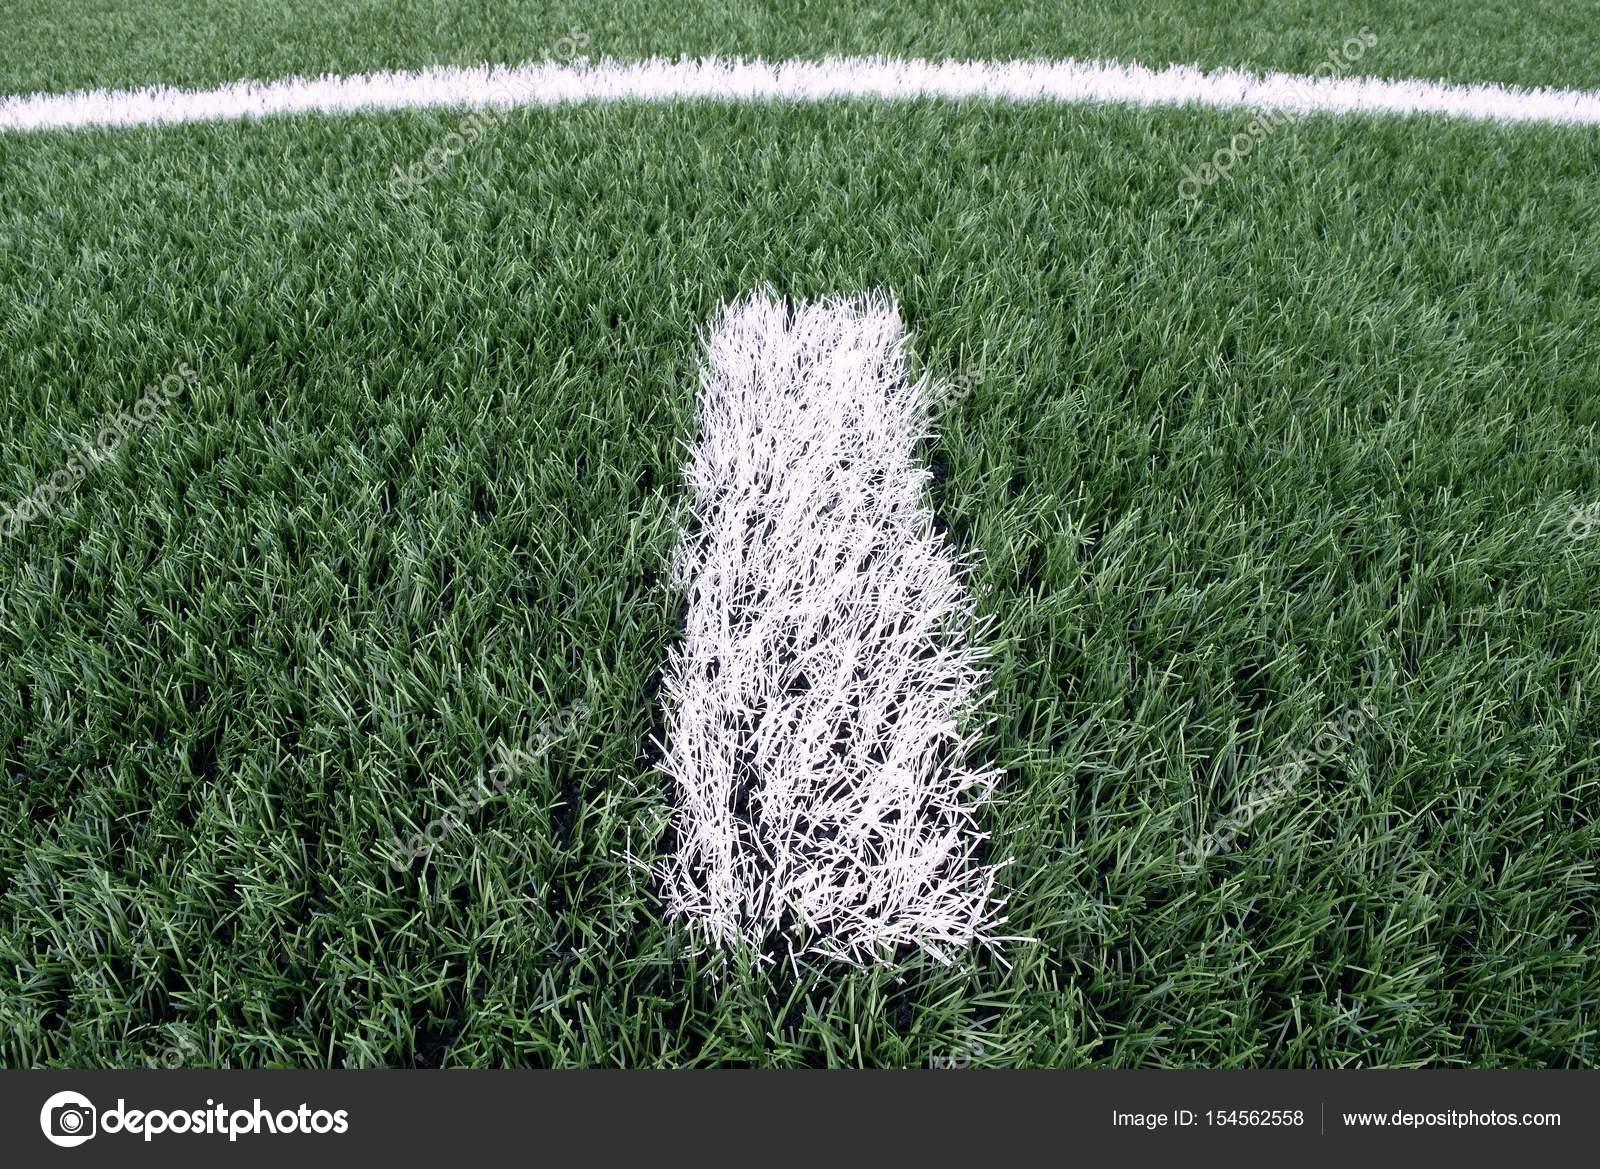 Tappeti Per Bambini Campo Da Calcio : Linea bianca marchi dipinto su fondo di tappeto erboso artificiale